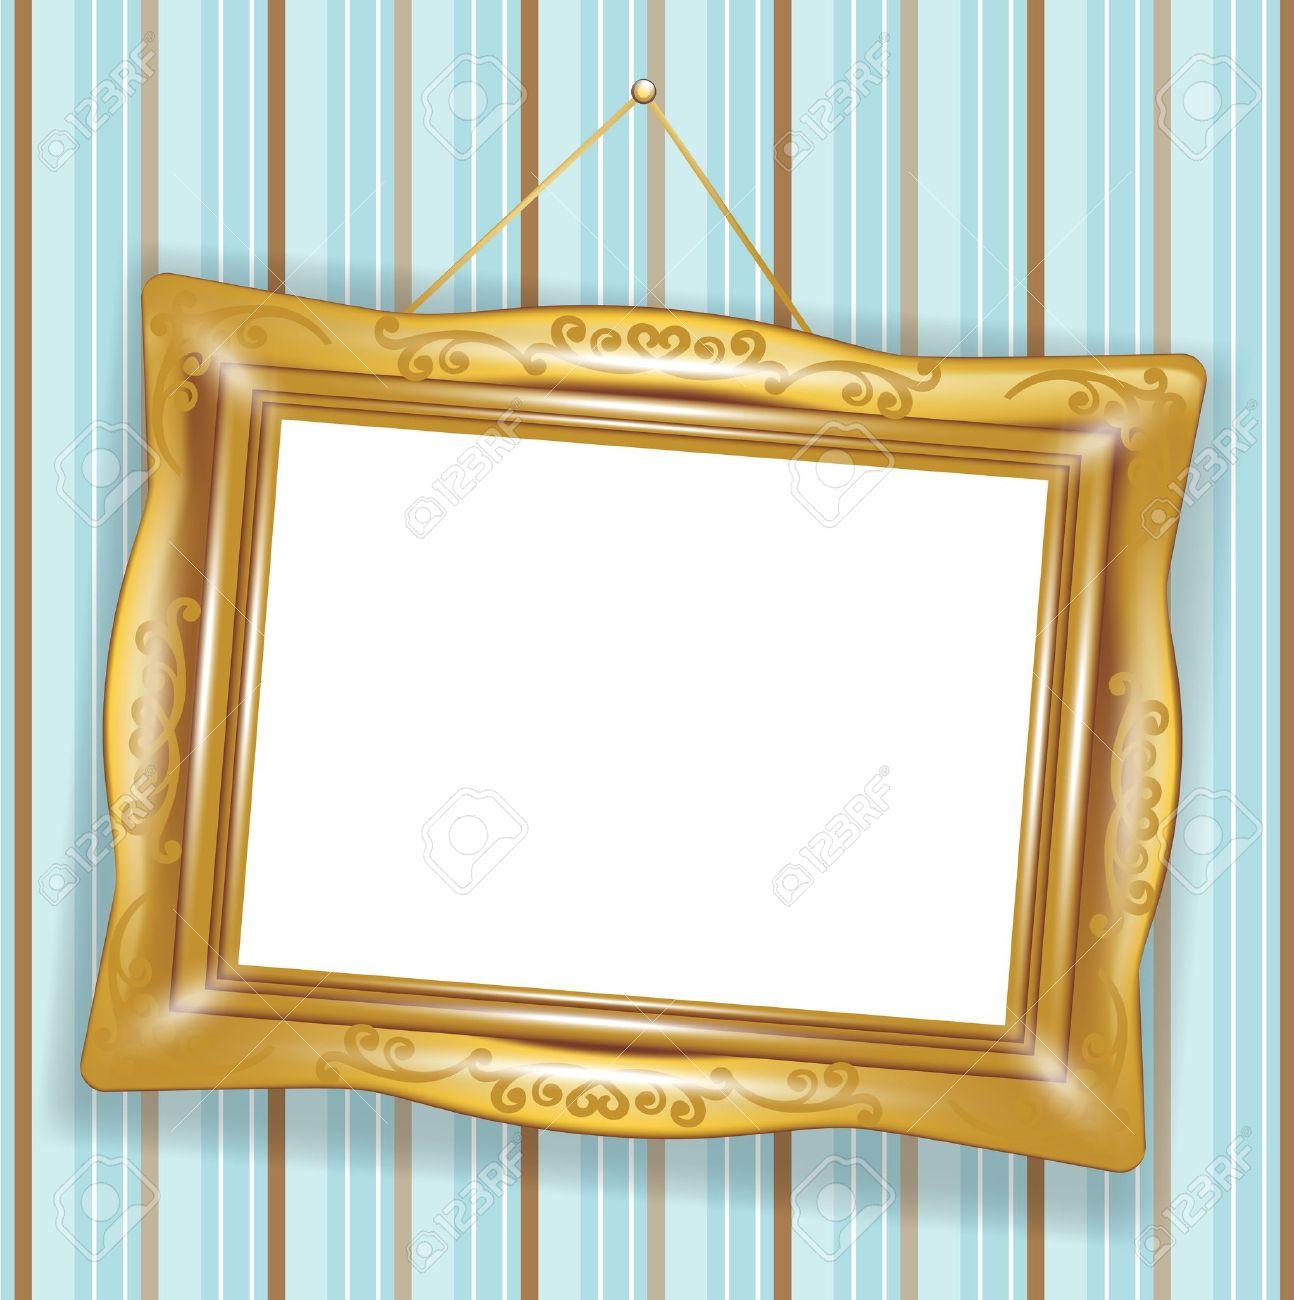 Golden Frame Wallpaper Hanged Retro Golden Frame on